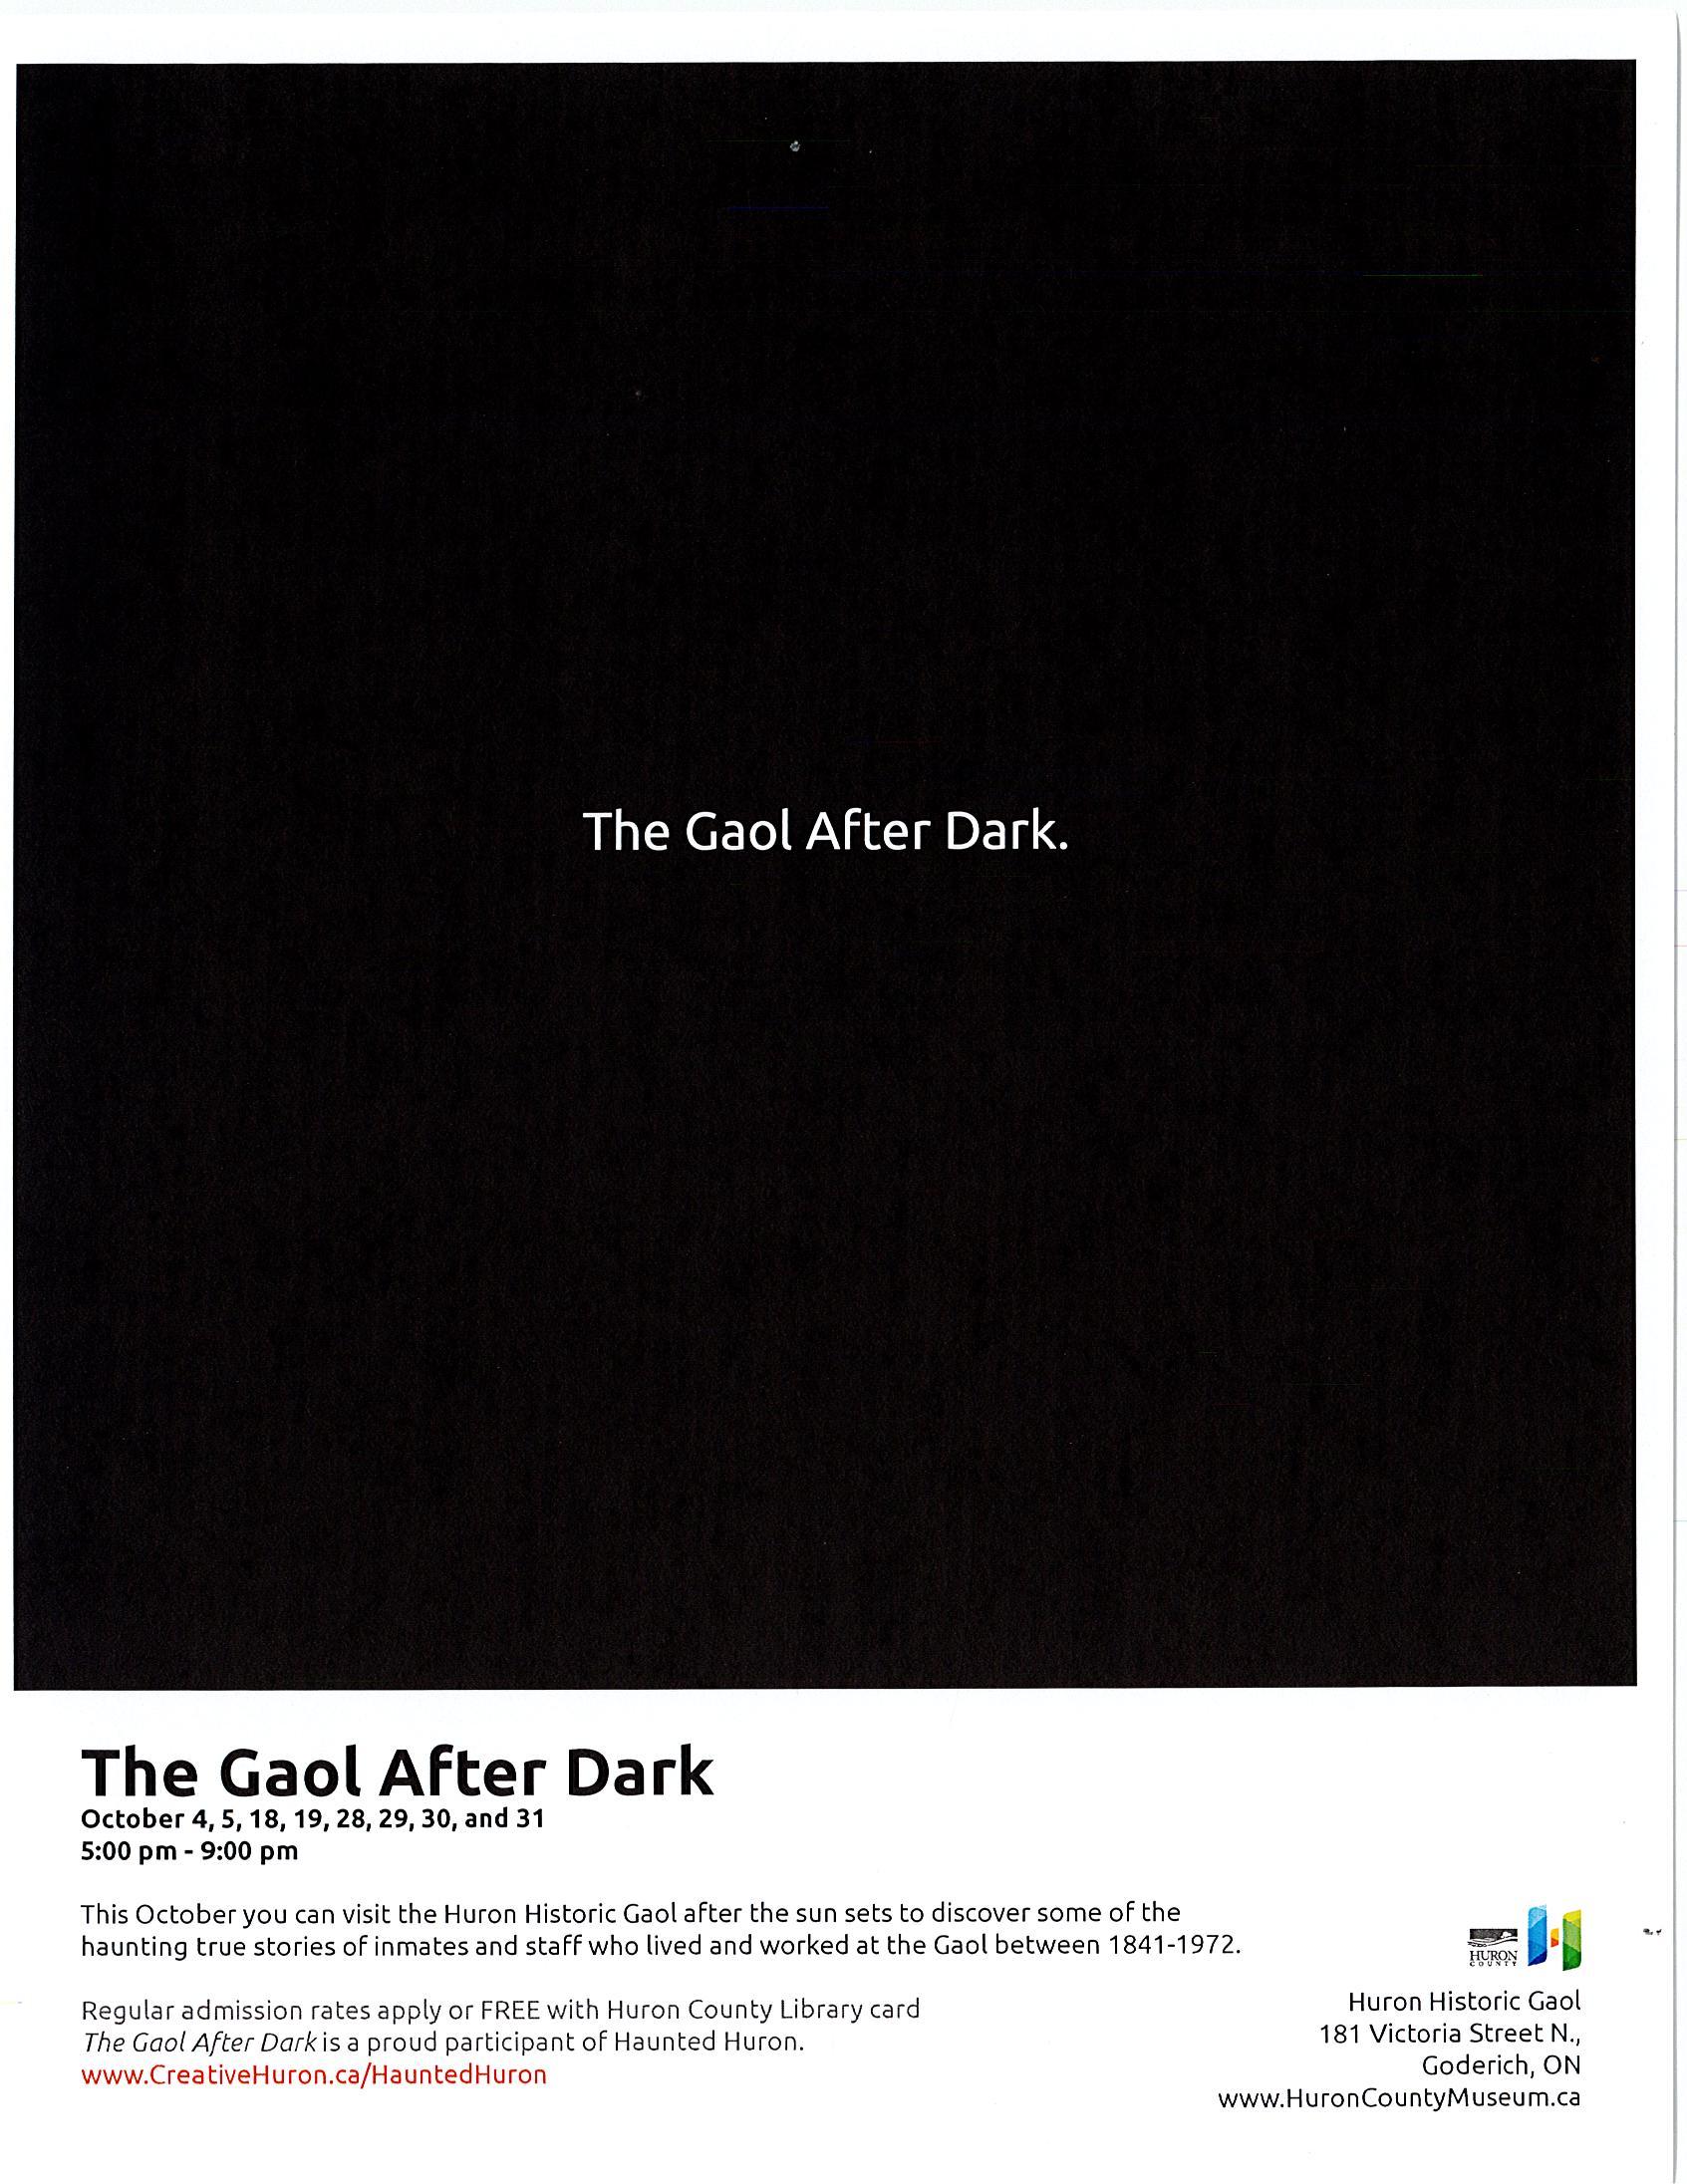 The Gaol After Dark October 2019.jpg